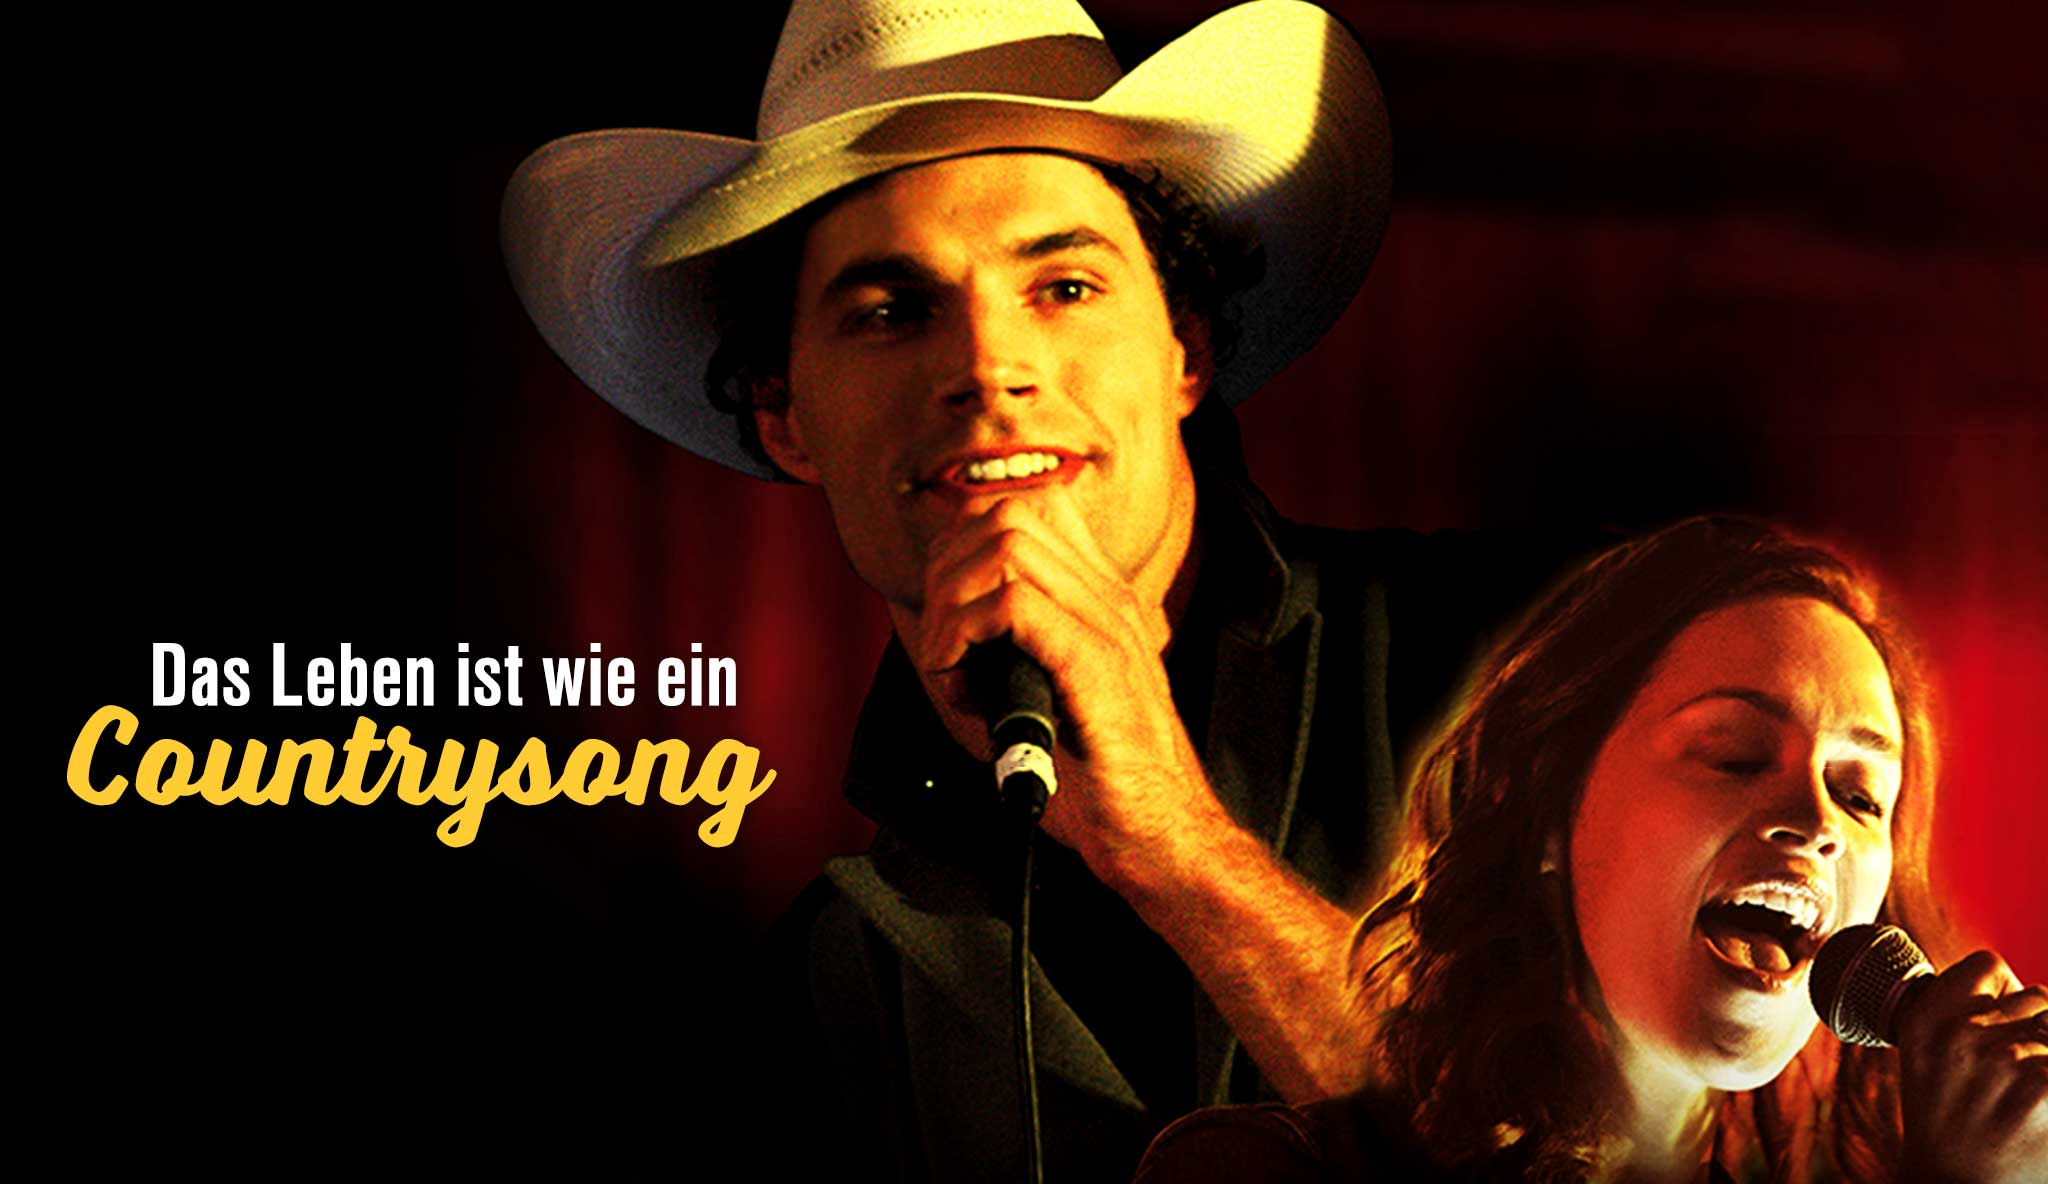 das-leben-ist-wie-ein-countrysong\header.jpg